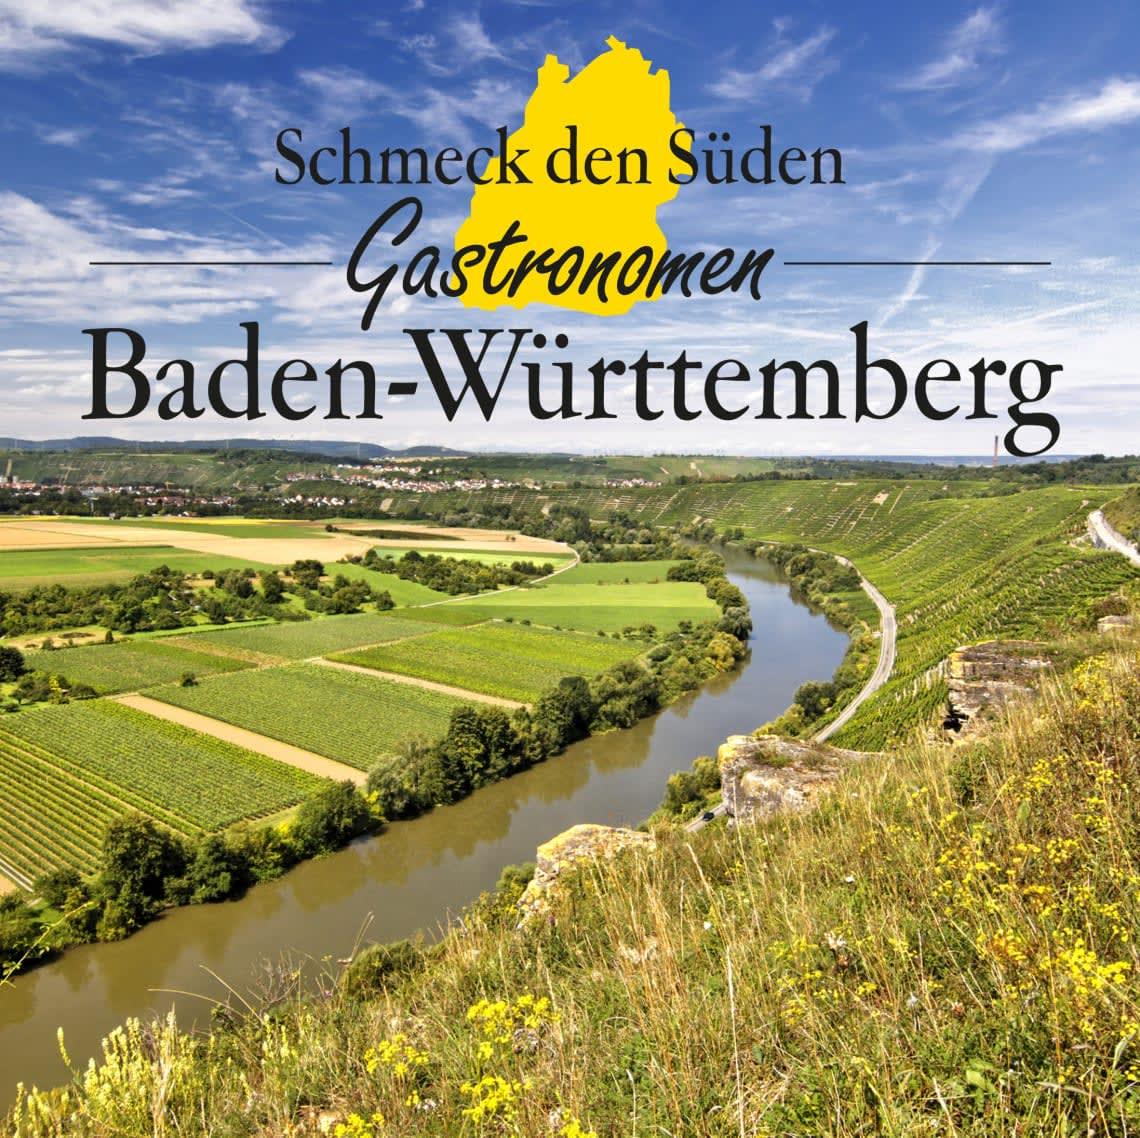 Schmeck den Süden Gastronomen Baden-Württemberg